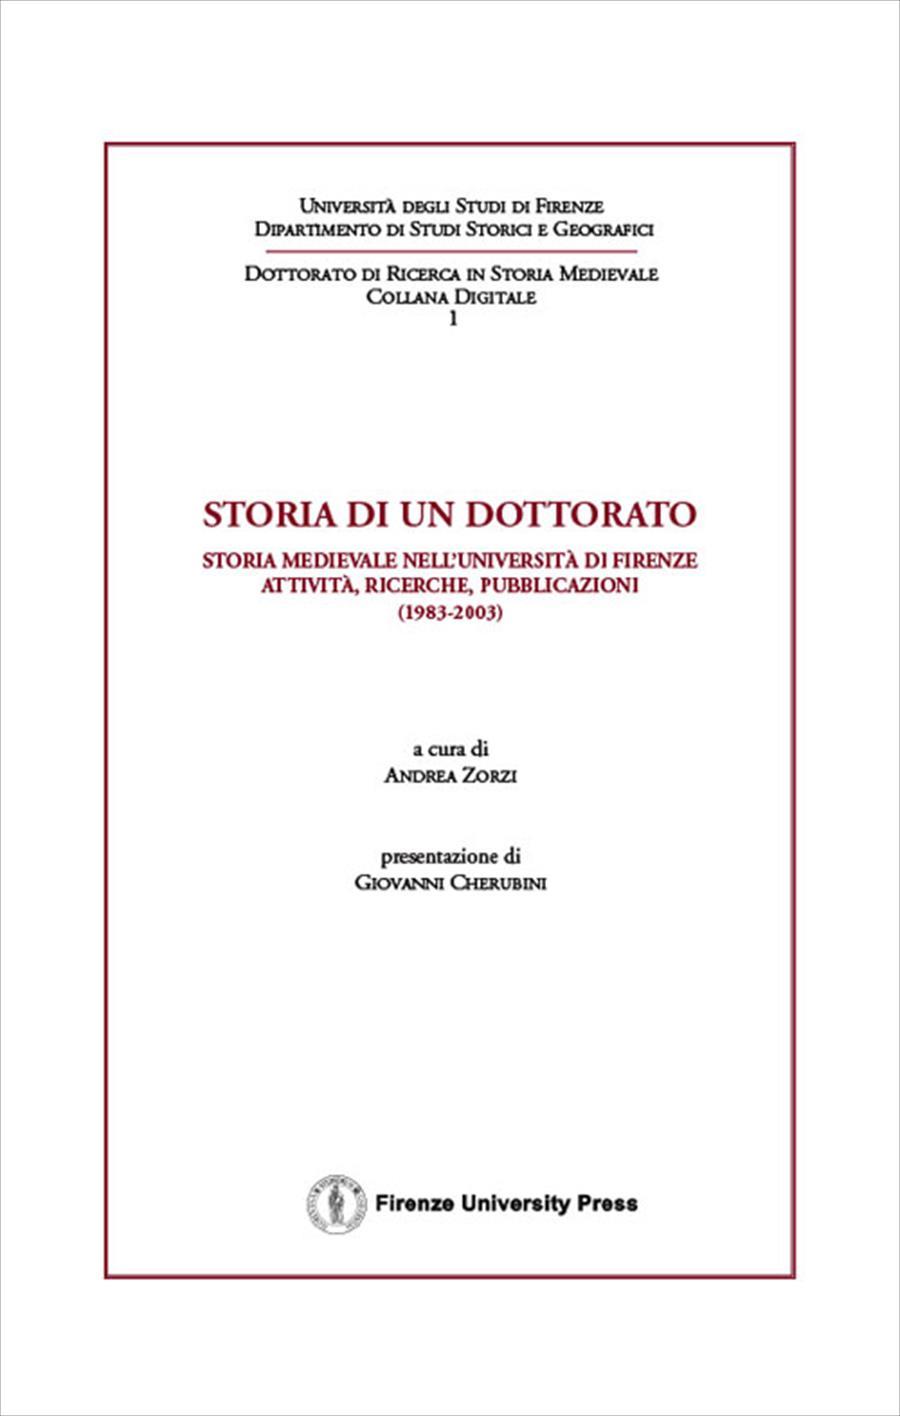 Storia di un dottorato: storia medievale nell'Università di Firenze